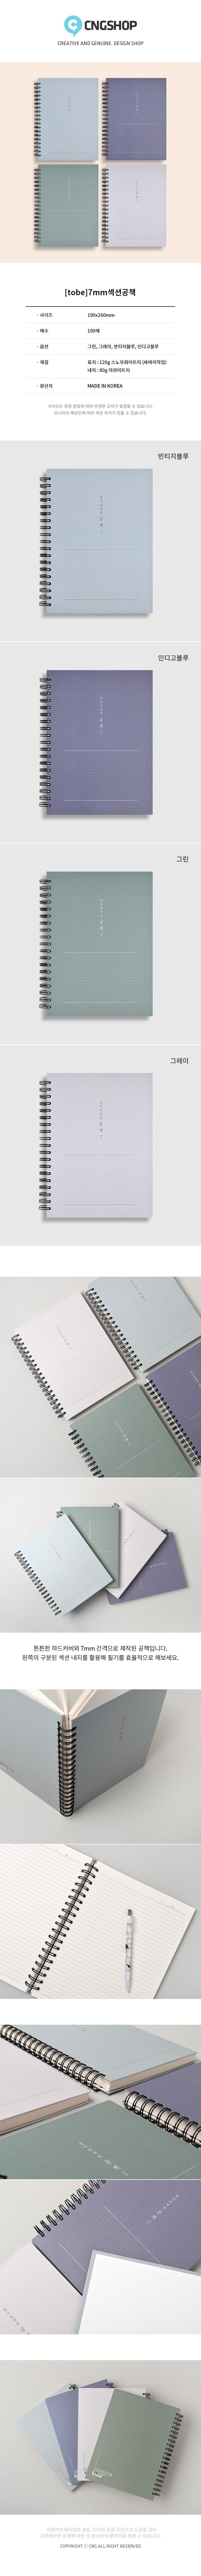 [tobe]7mm섹션공책 - 씨엔지트레이딩, 5,000원, 스프링노트, 유선노트